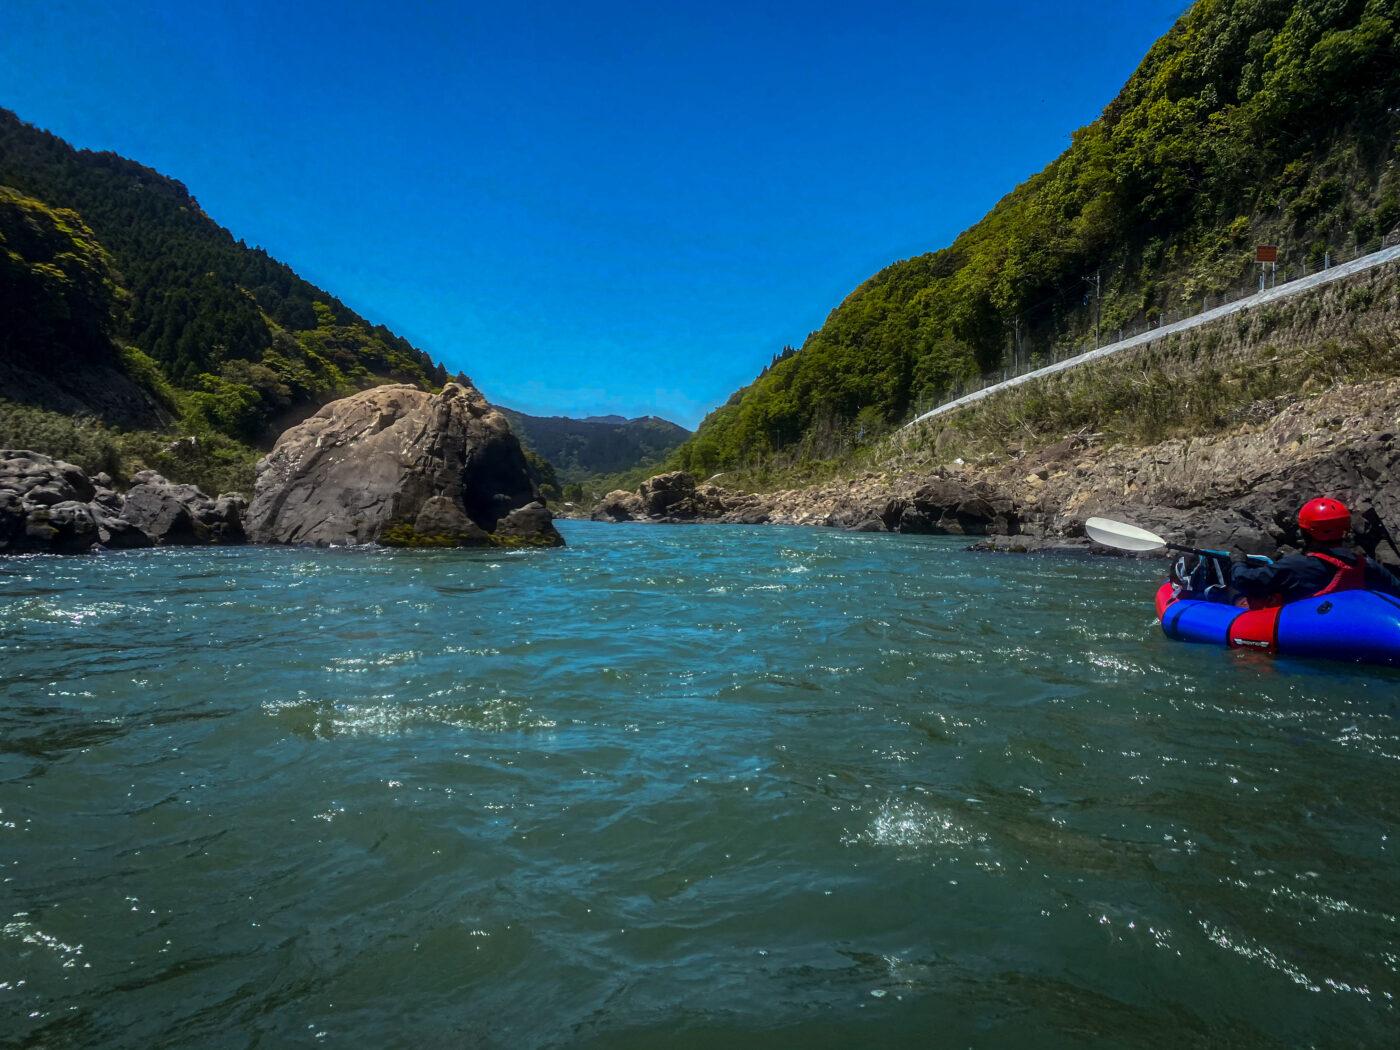 球磨川の大きめの瀬を通り過ぎたところ